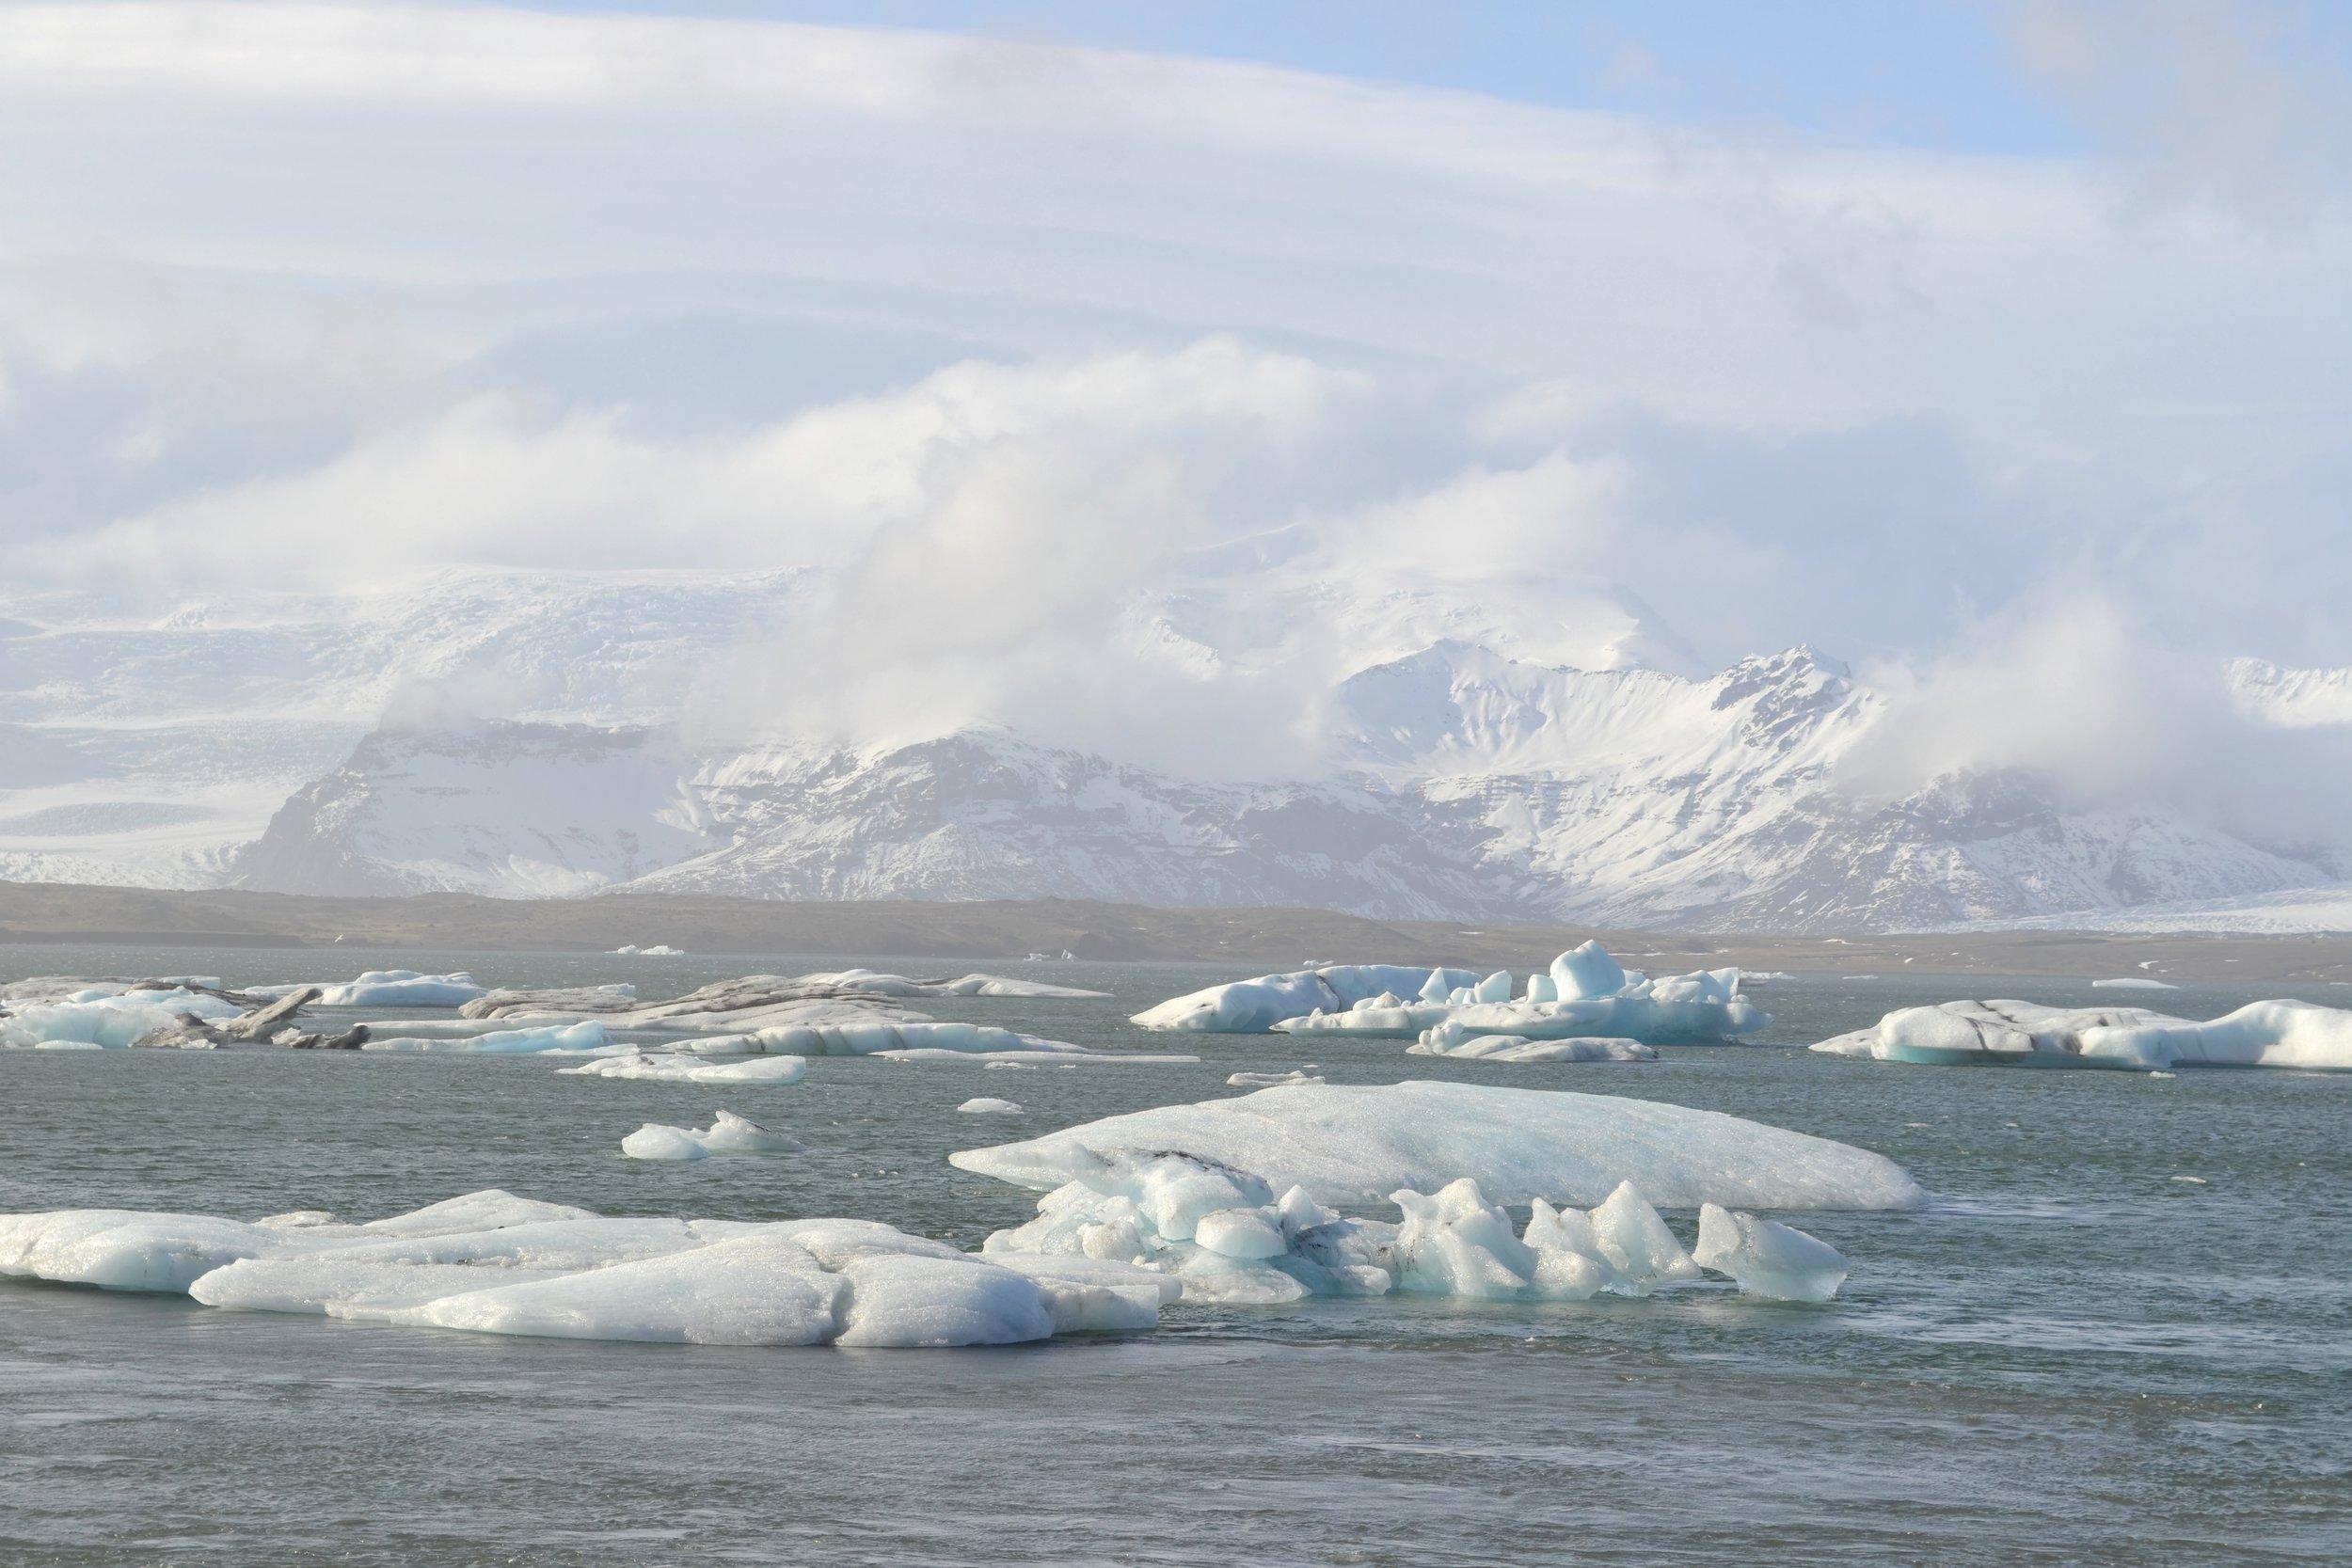 #5 - Jökulsárlón Glacier Lagoon